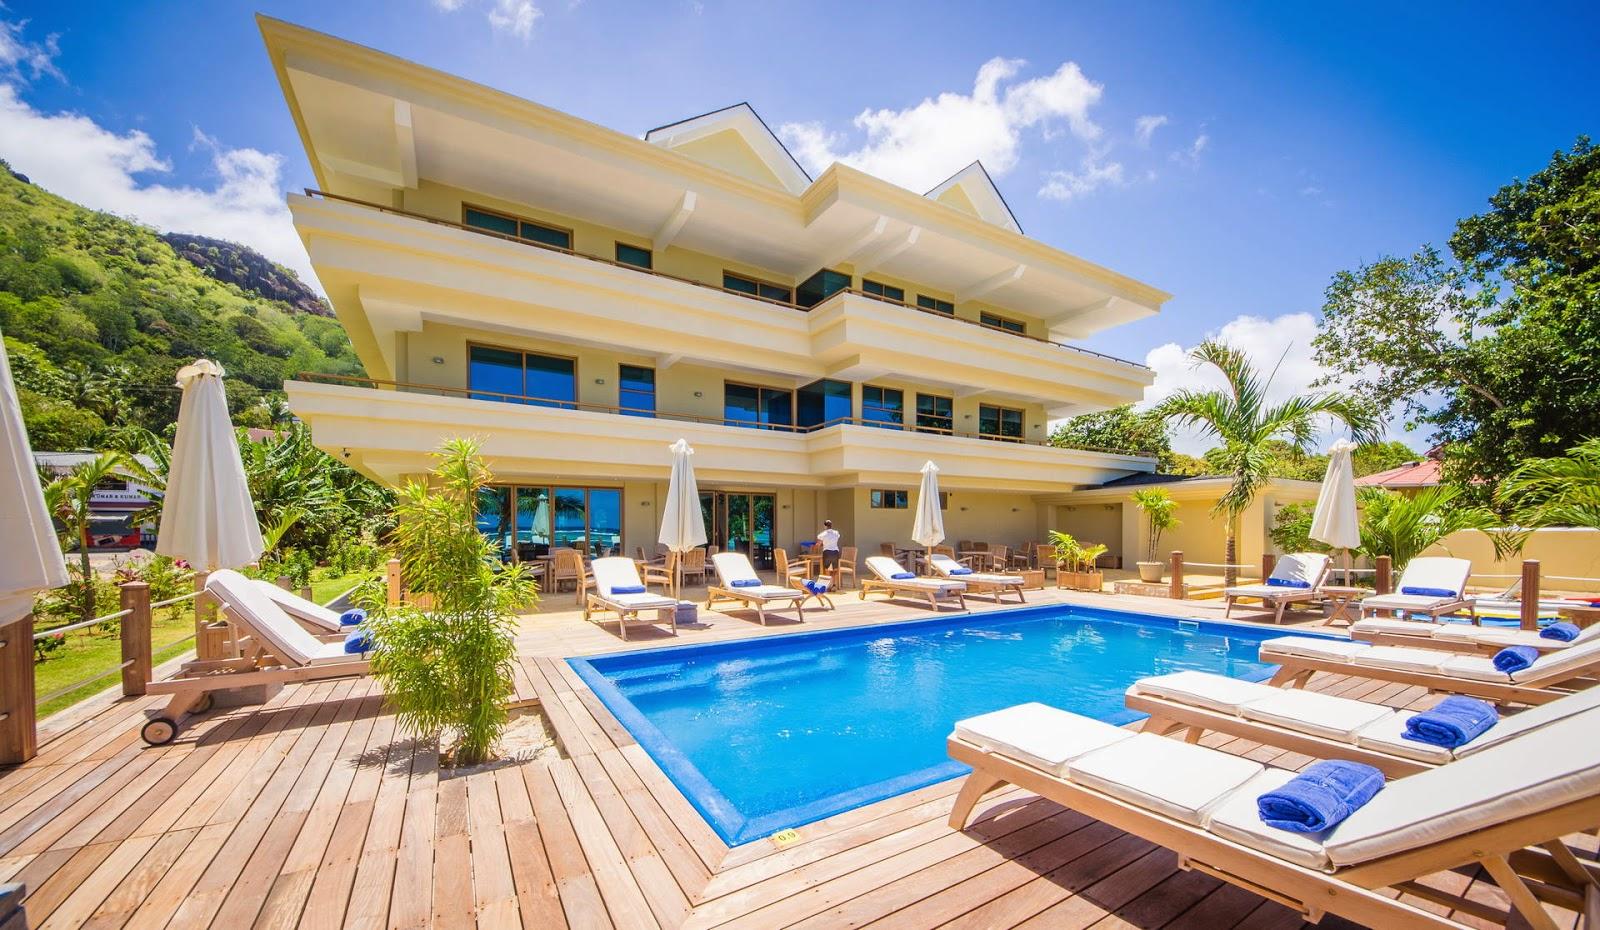 Mason S Travel Hotel Updates Crown Beach Hotel Updated